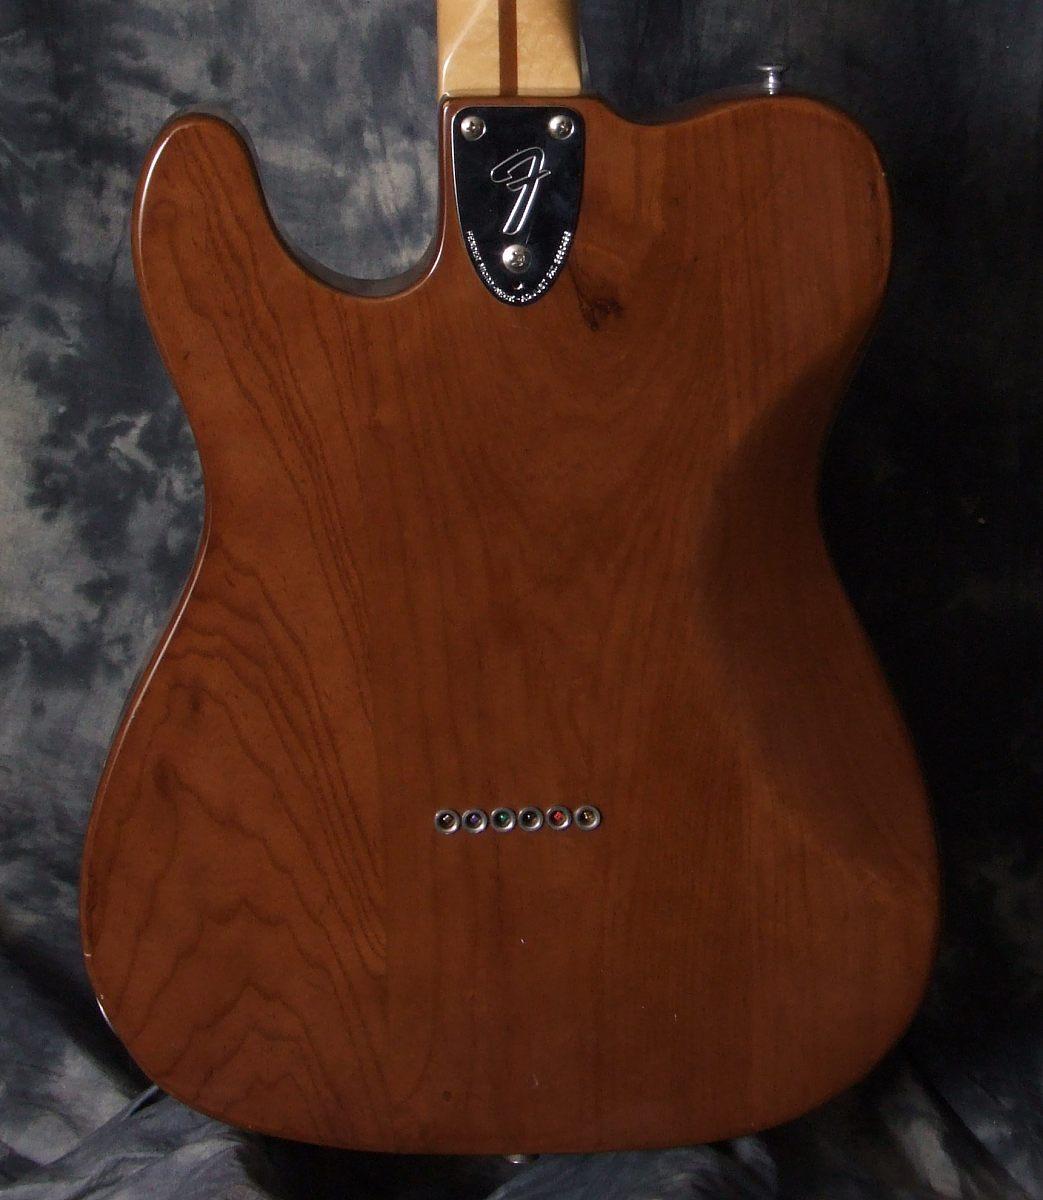 Fender_Telecaster_Deluxe_1976_back